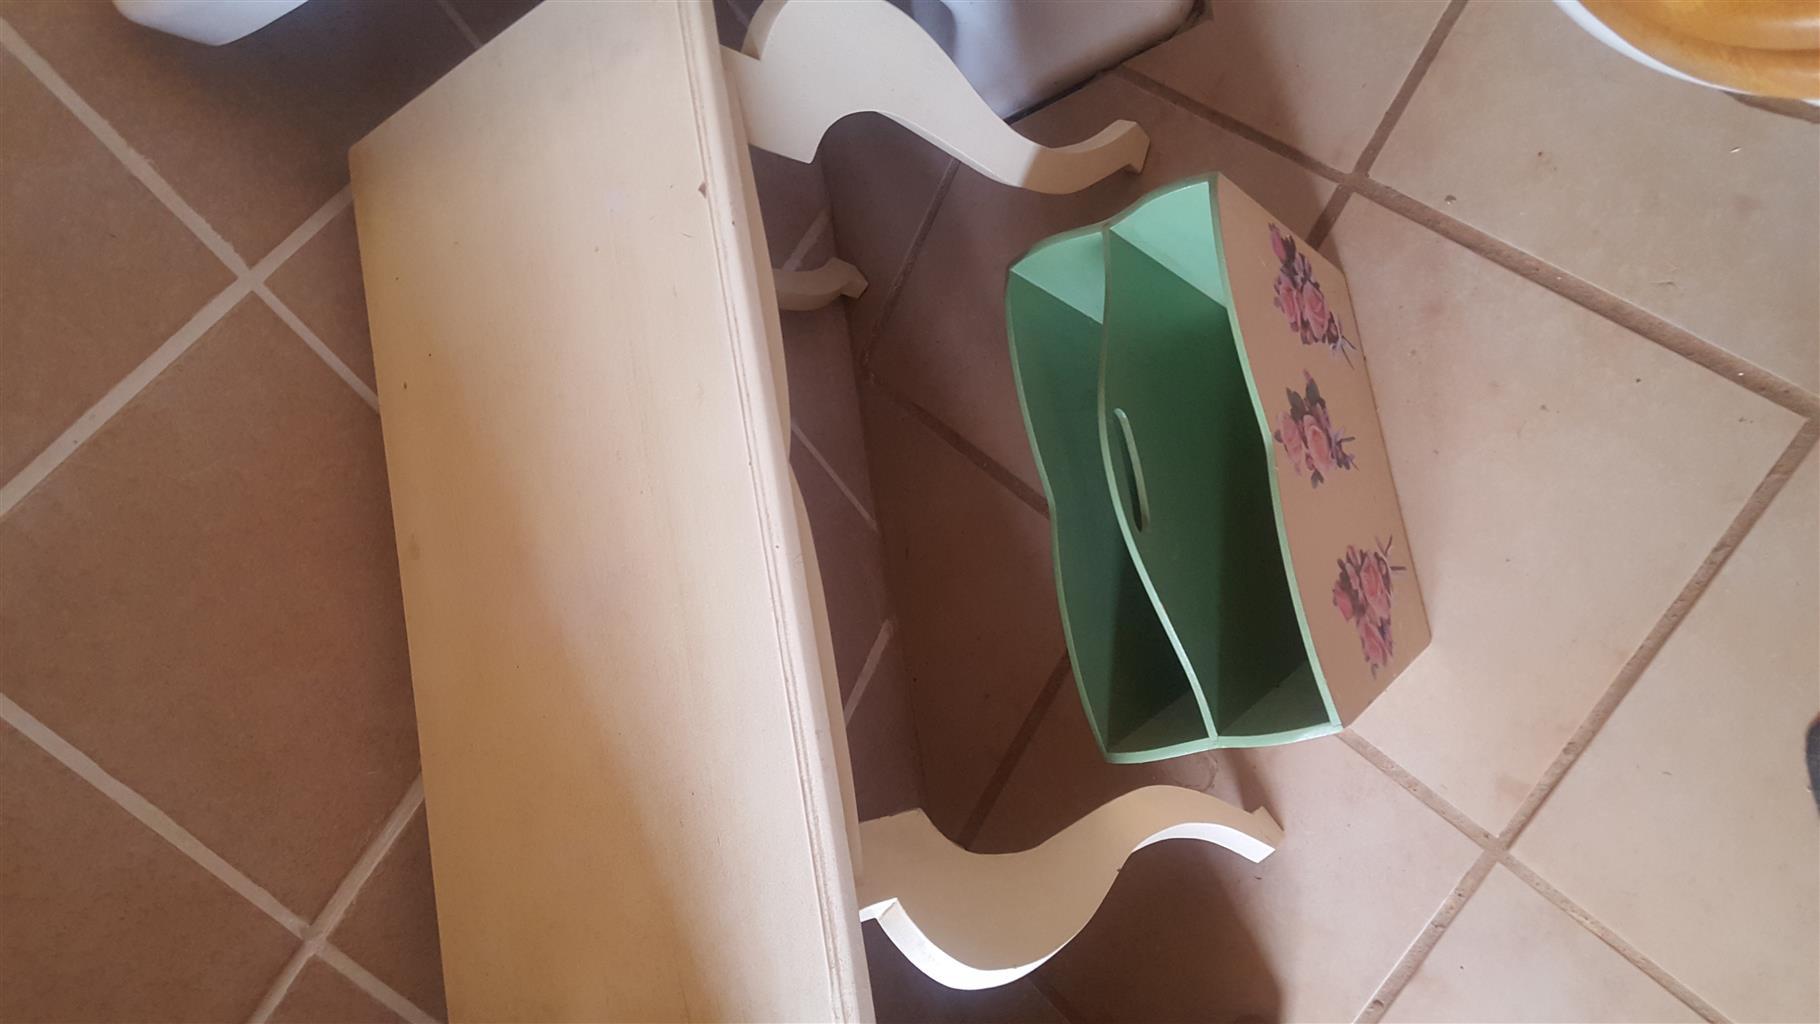 tafel met tydskrif rak